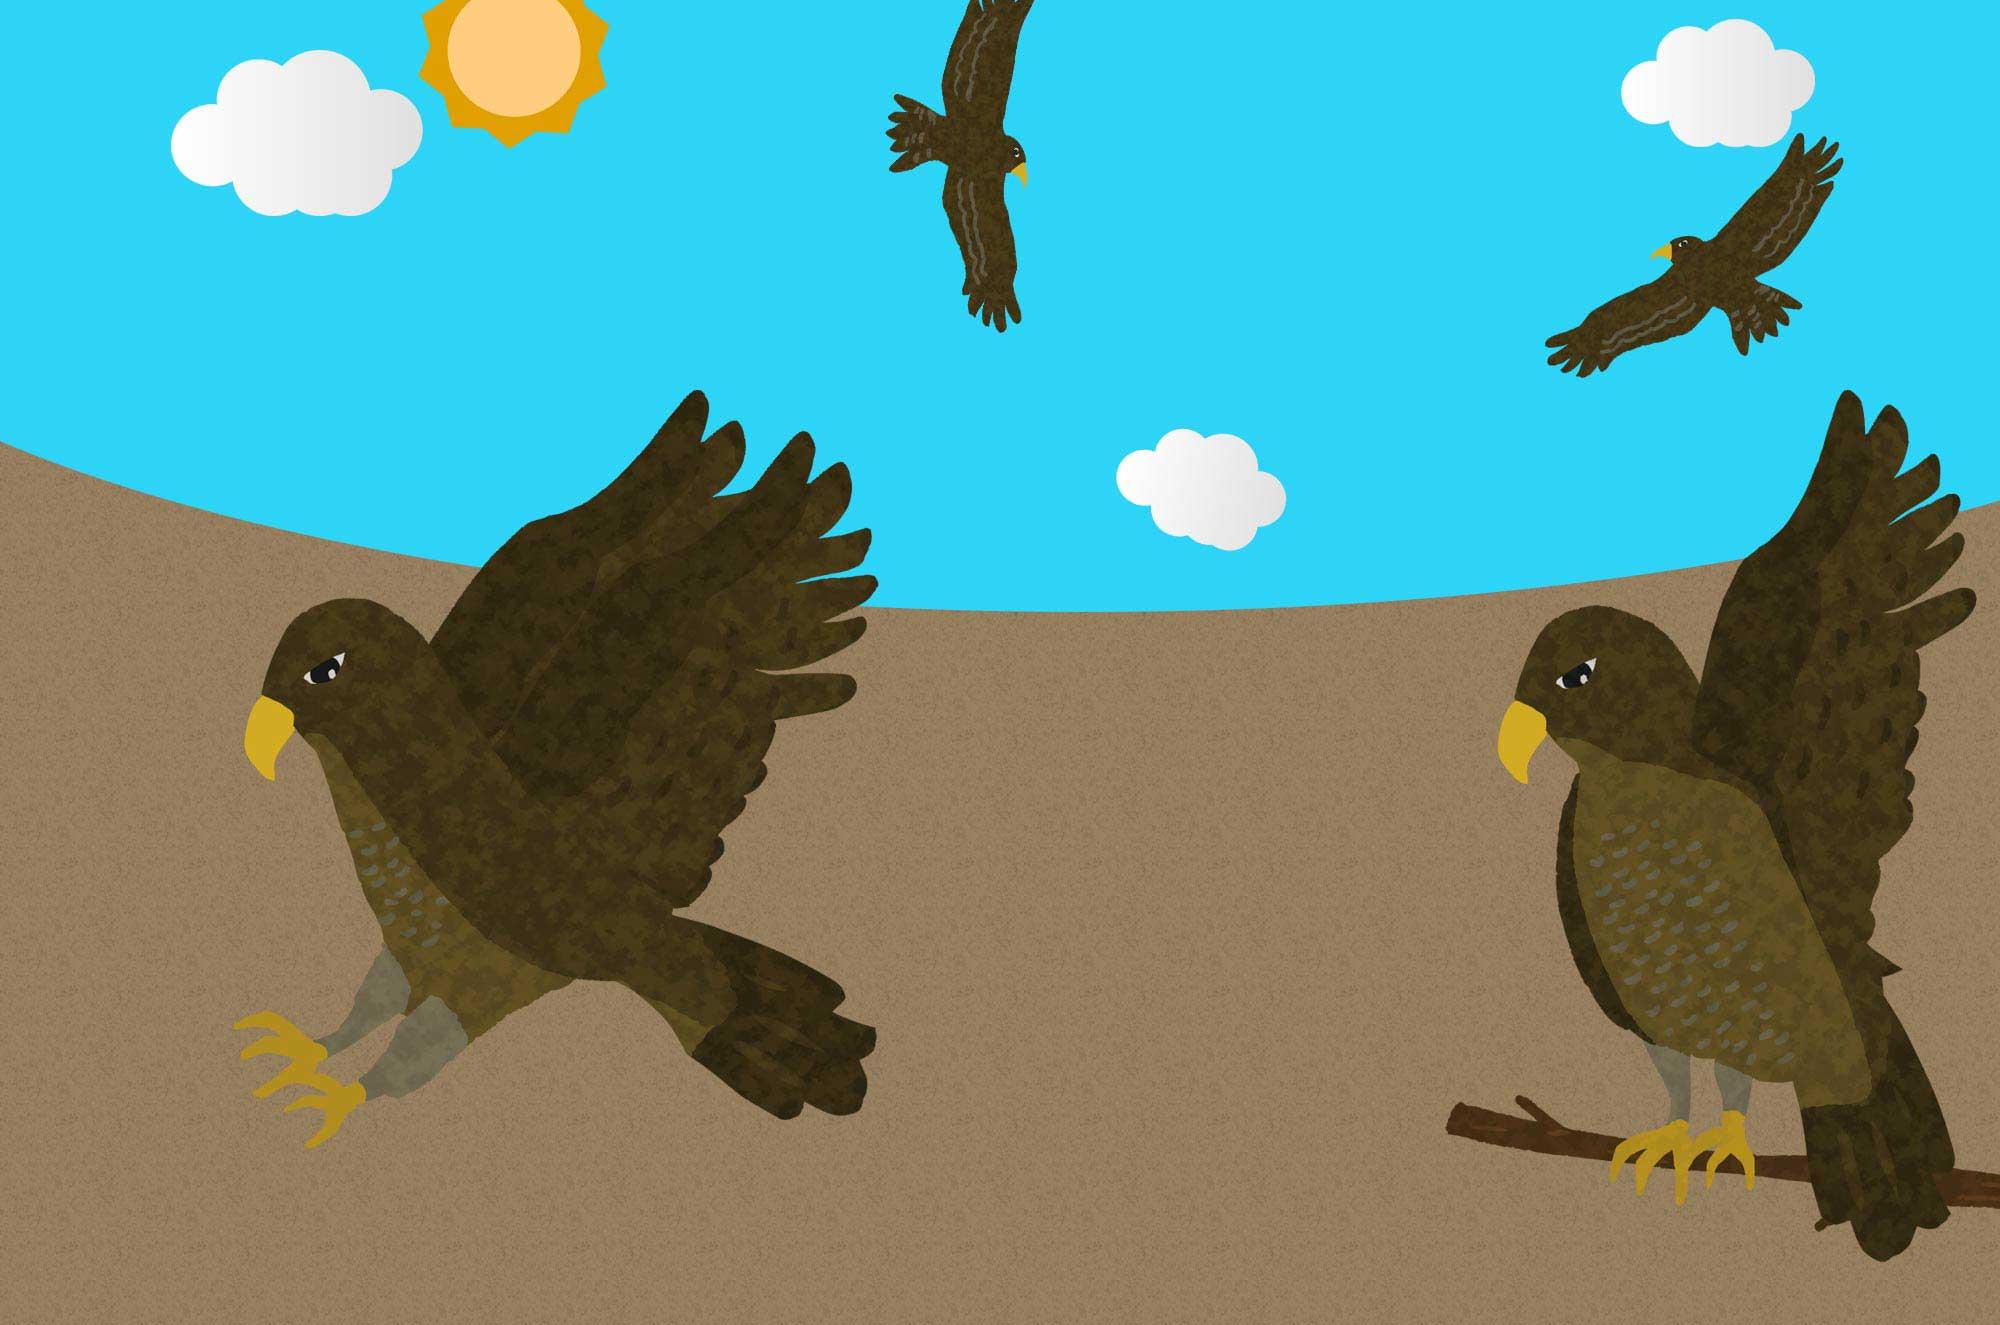 鷹イラスト - 手描きの可愛い鳥と面白い表情のフリー素材